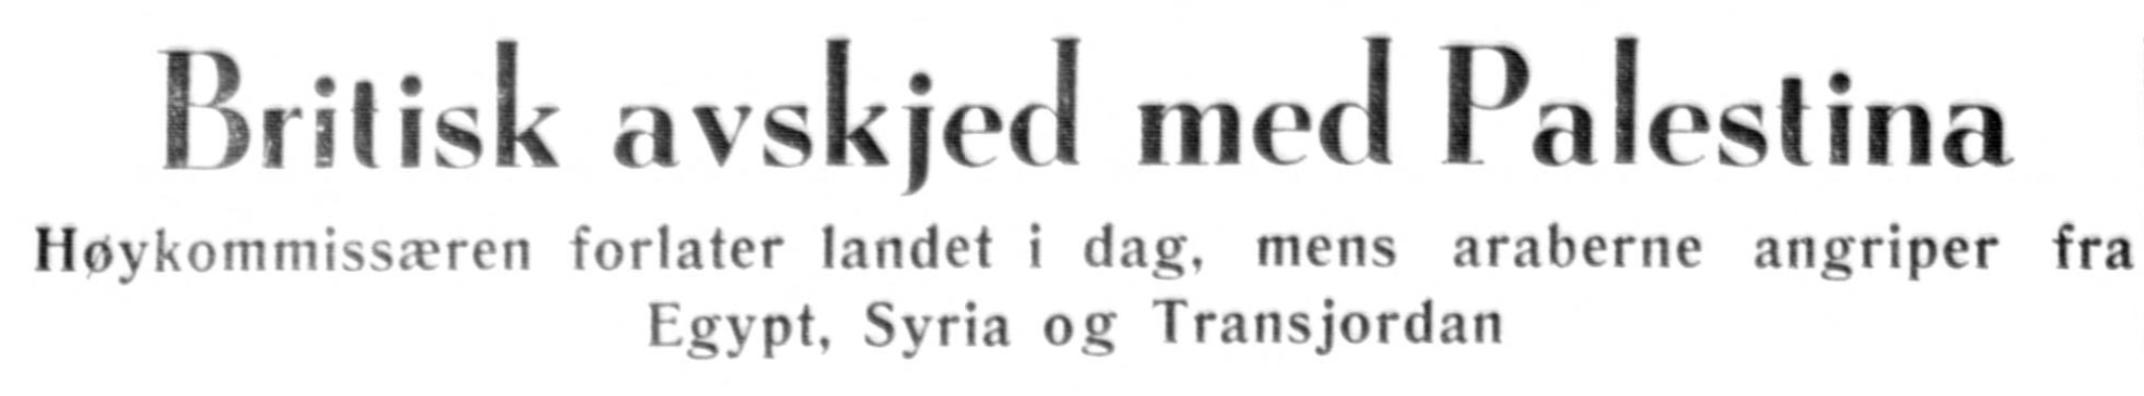 Aftenposten aften,  14. mai 1948